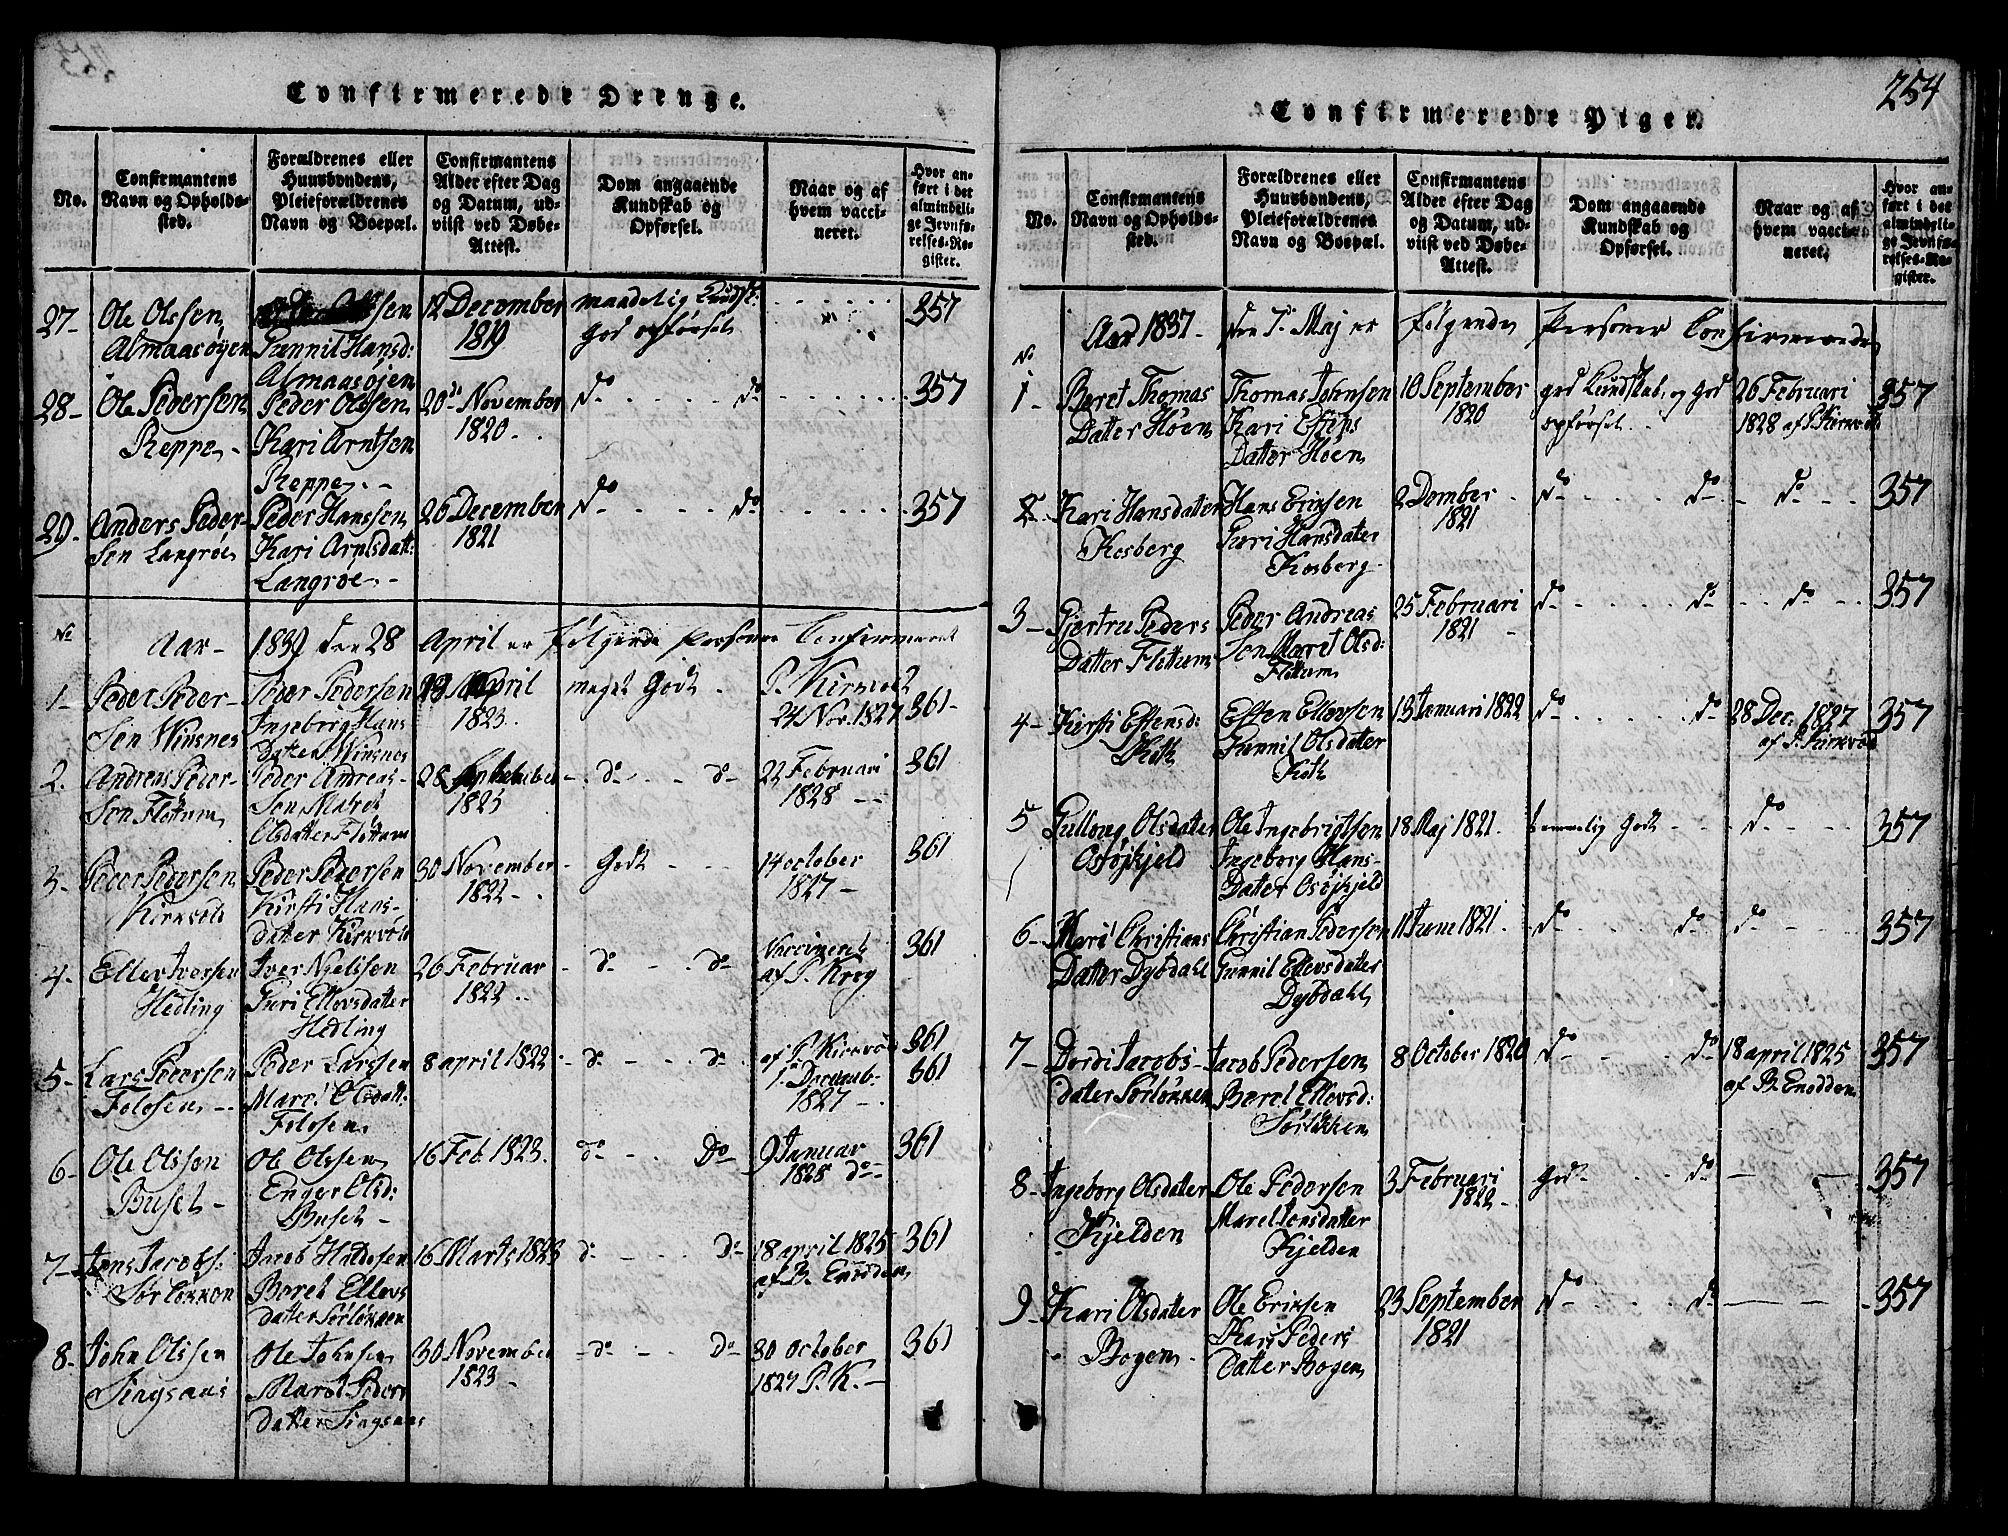 SAT, Ministerialprotokoller, klokkerbøker og fødselsregistre - Sør-Trøndelag, 688/L1026: Klokkerbok nr. 688C01, 1817-1860, s. 254